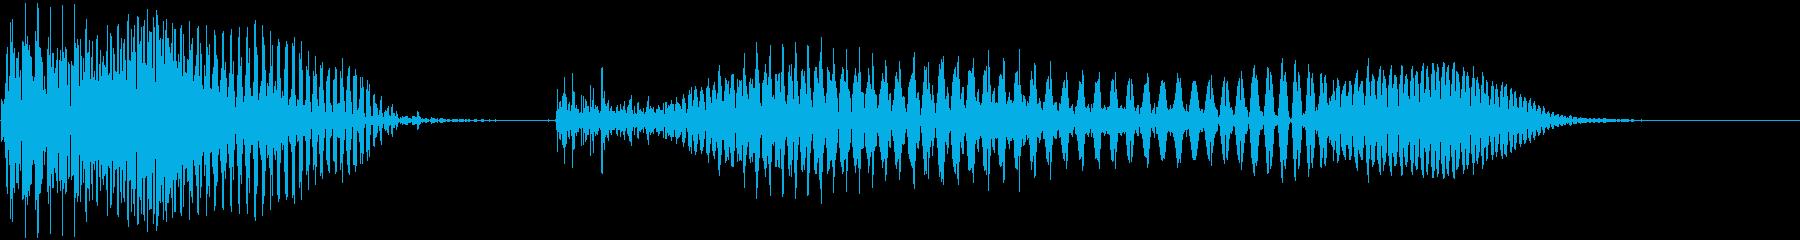 アメリカ人女声 OK!(オーケー!) の再生済みの波形